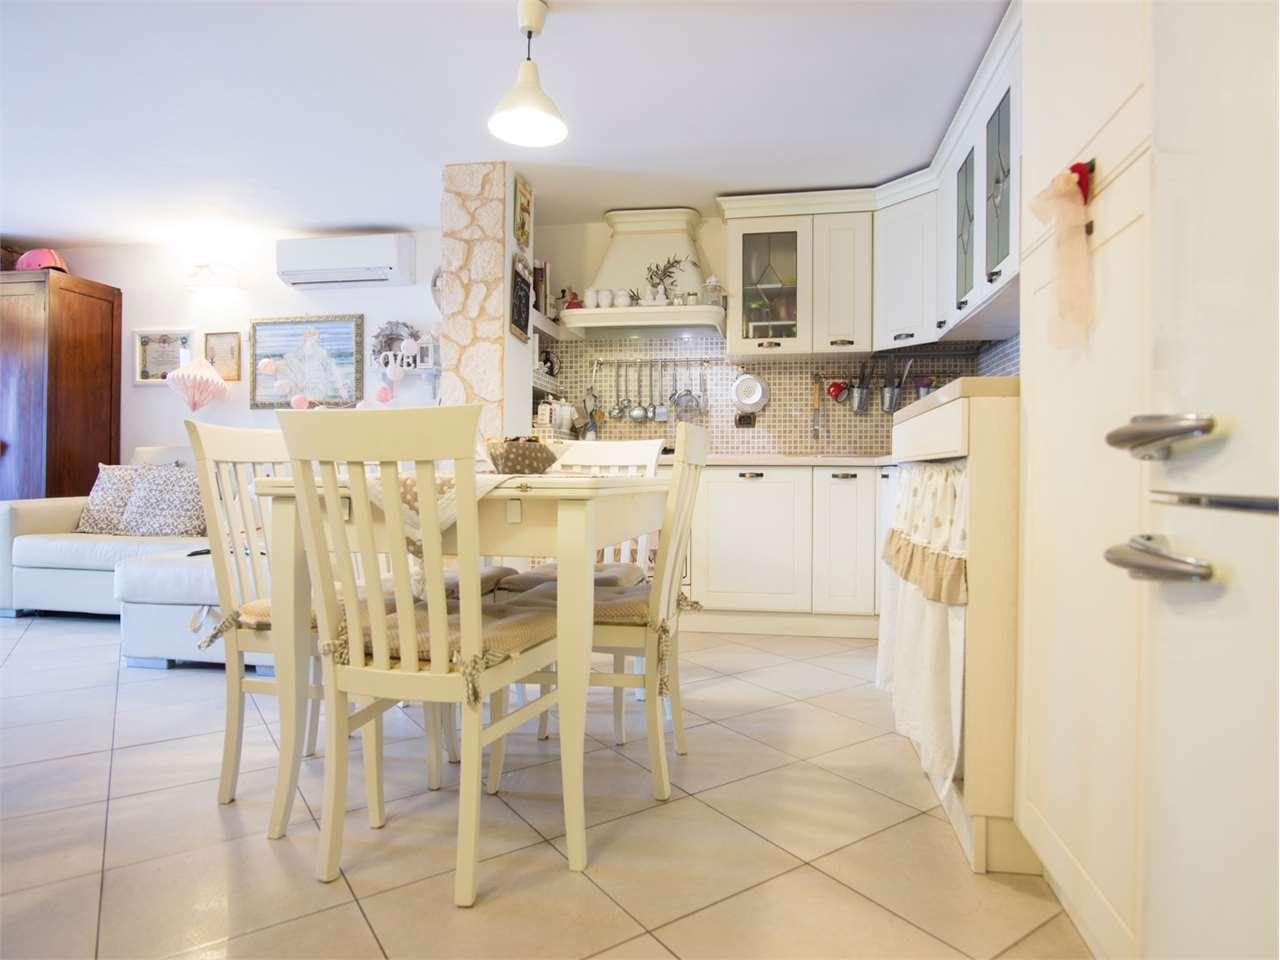 Appartamento in vendita a Loreto, 2 locali, prezzo € 80.000   CambioCasa.it